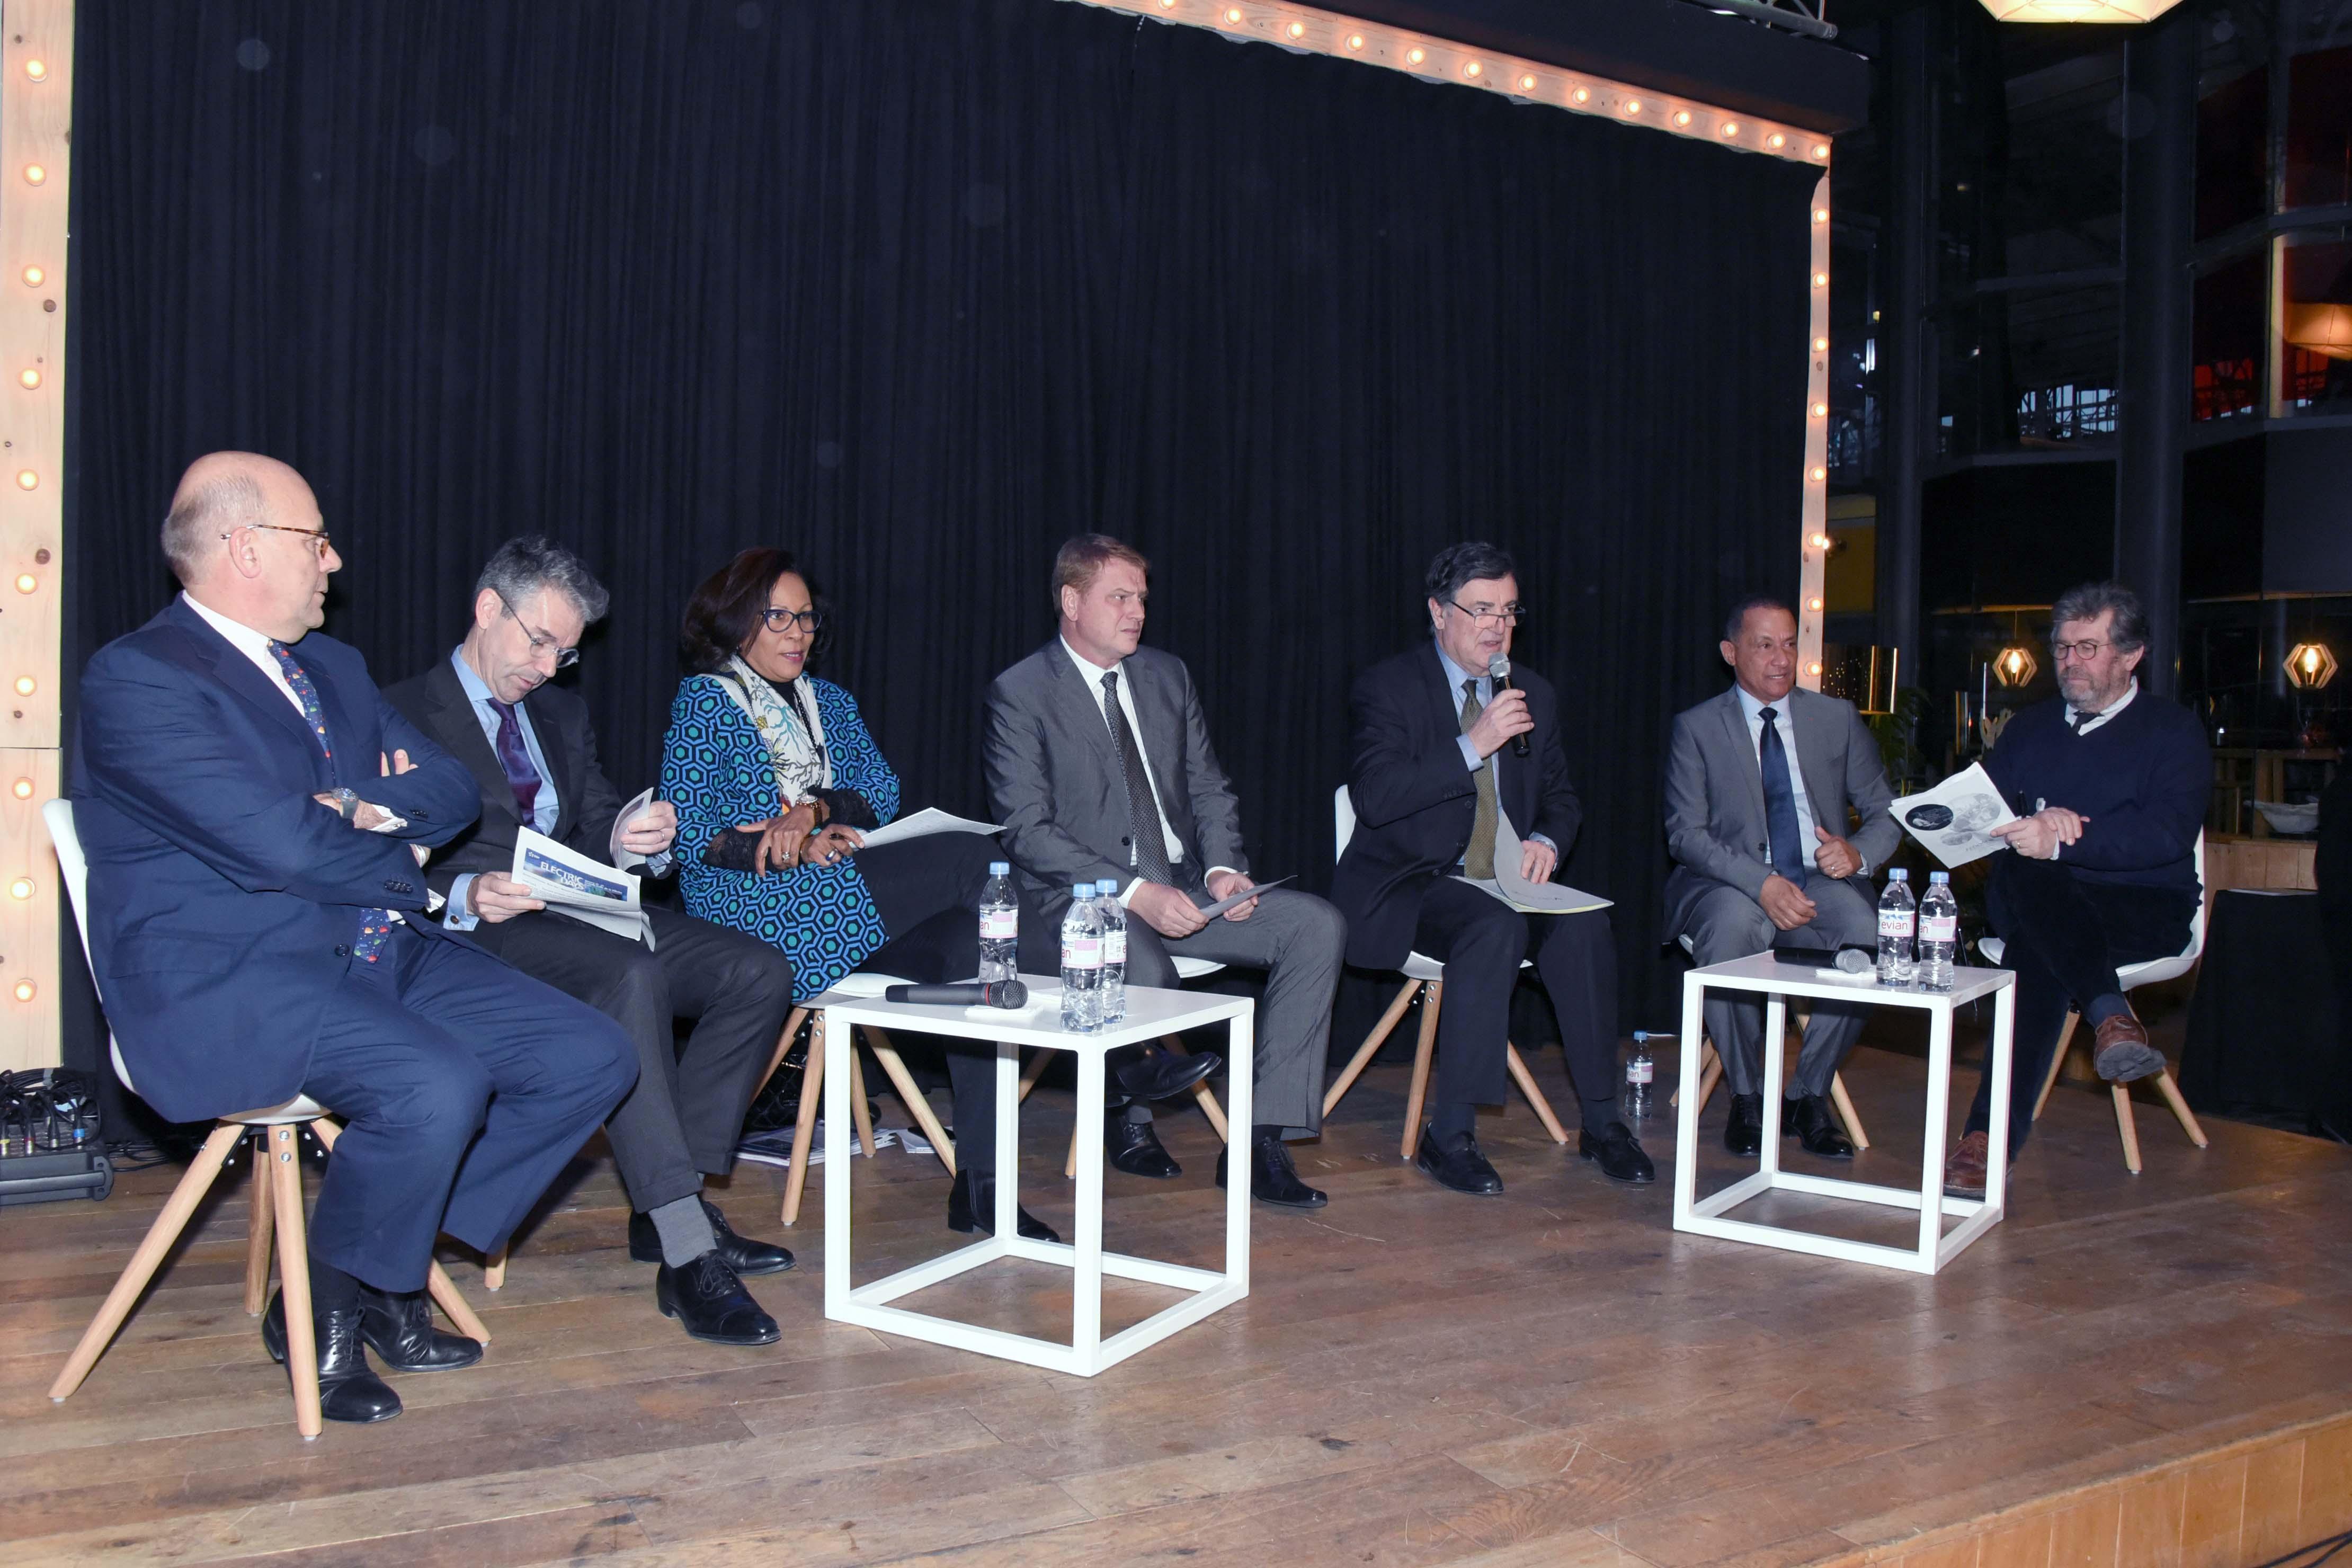 Table ronde autour de Jean-Pierre Philibert sur la transition énergétique en Outre-mer avec plusieurs responsables d'entreprises innovantes et de la collectivité territoriale de Guyane